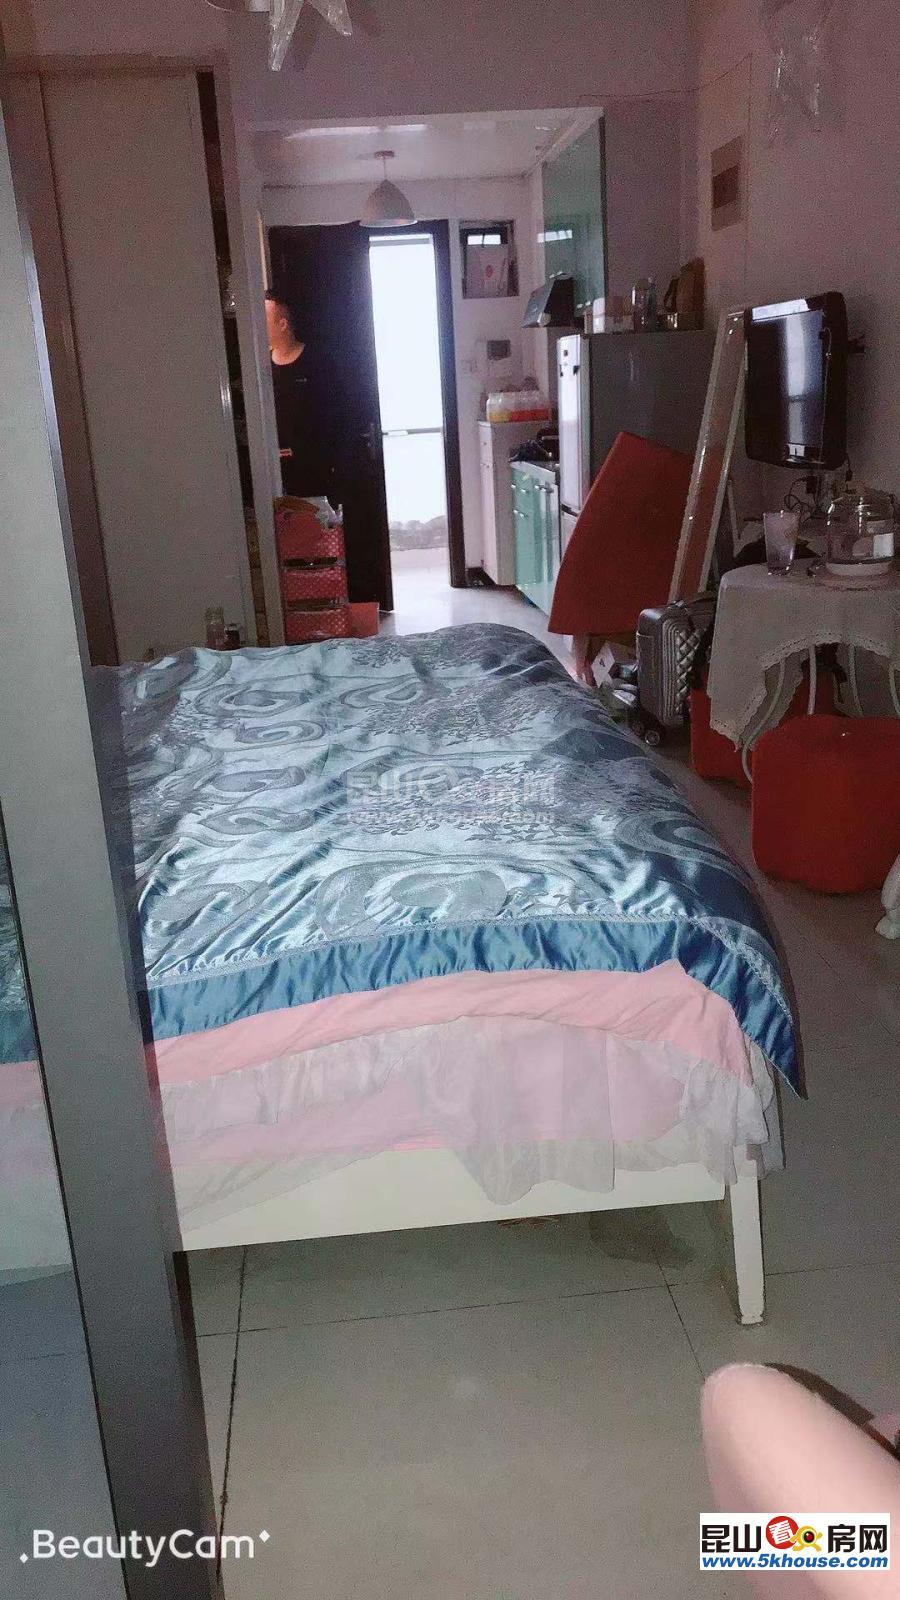 凯迪城 朝南精装公寓 阳光充足 租金1800可谈 随时入住